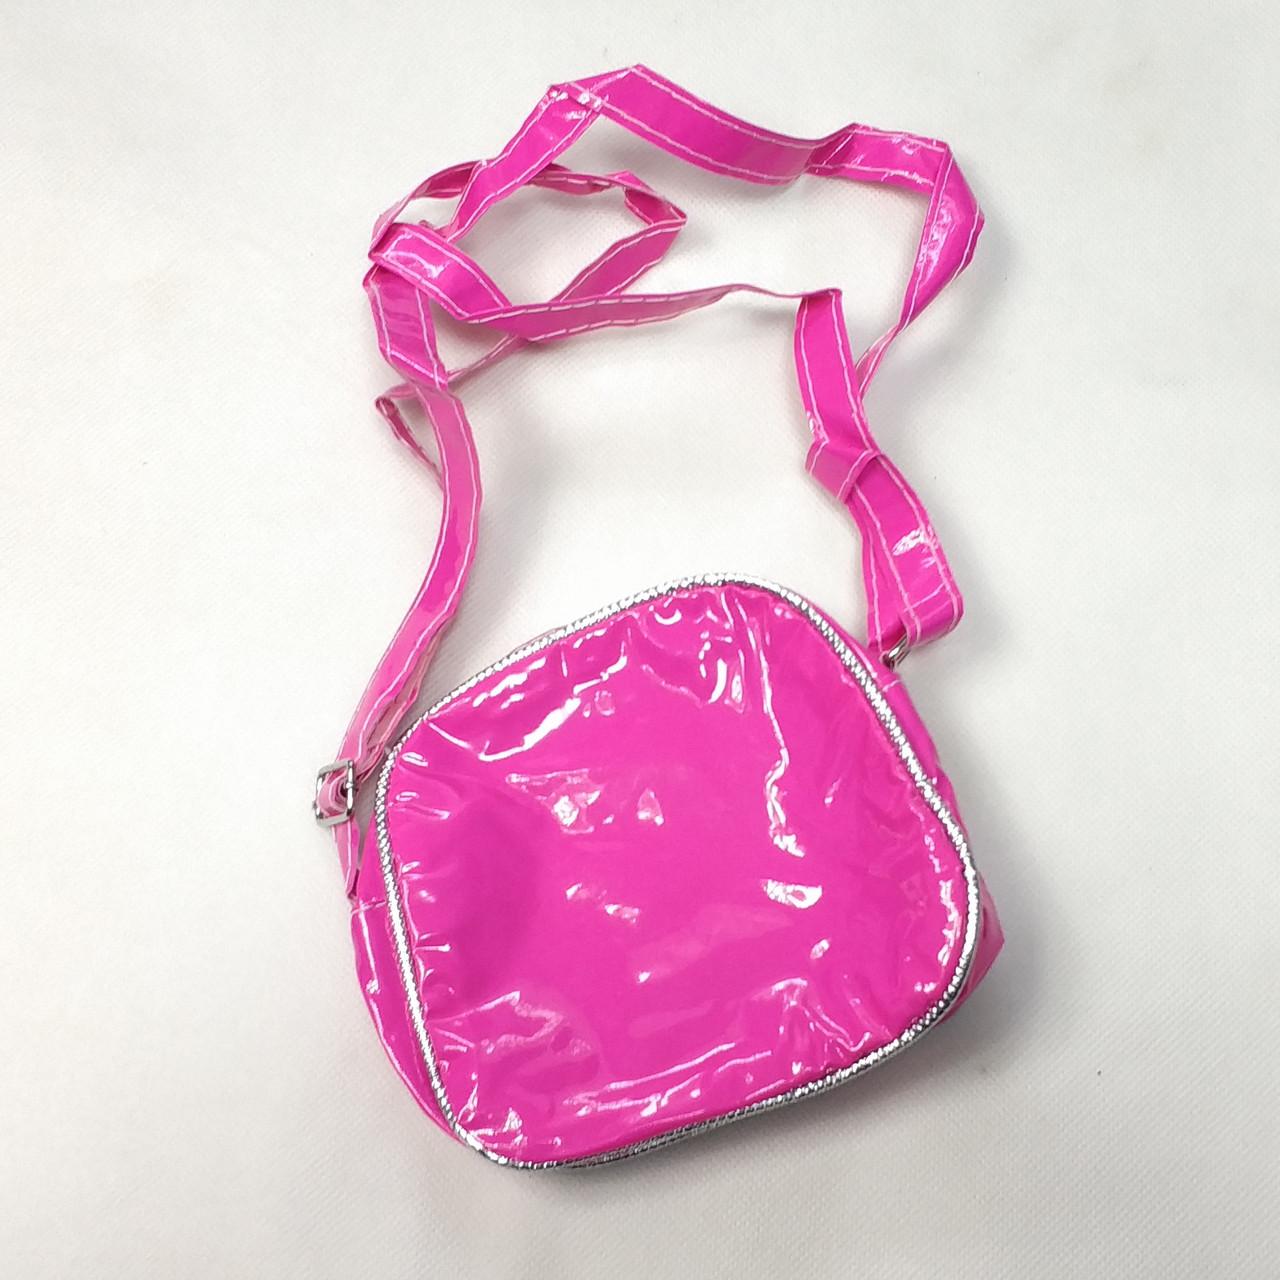 детский рюкзак hello kitty малиновый лак вид сзади